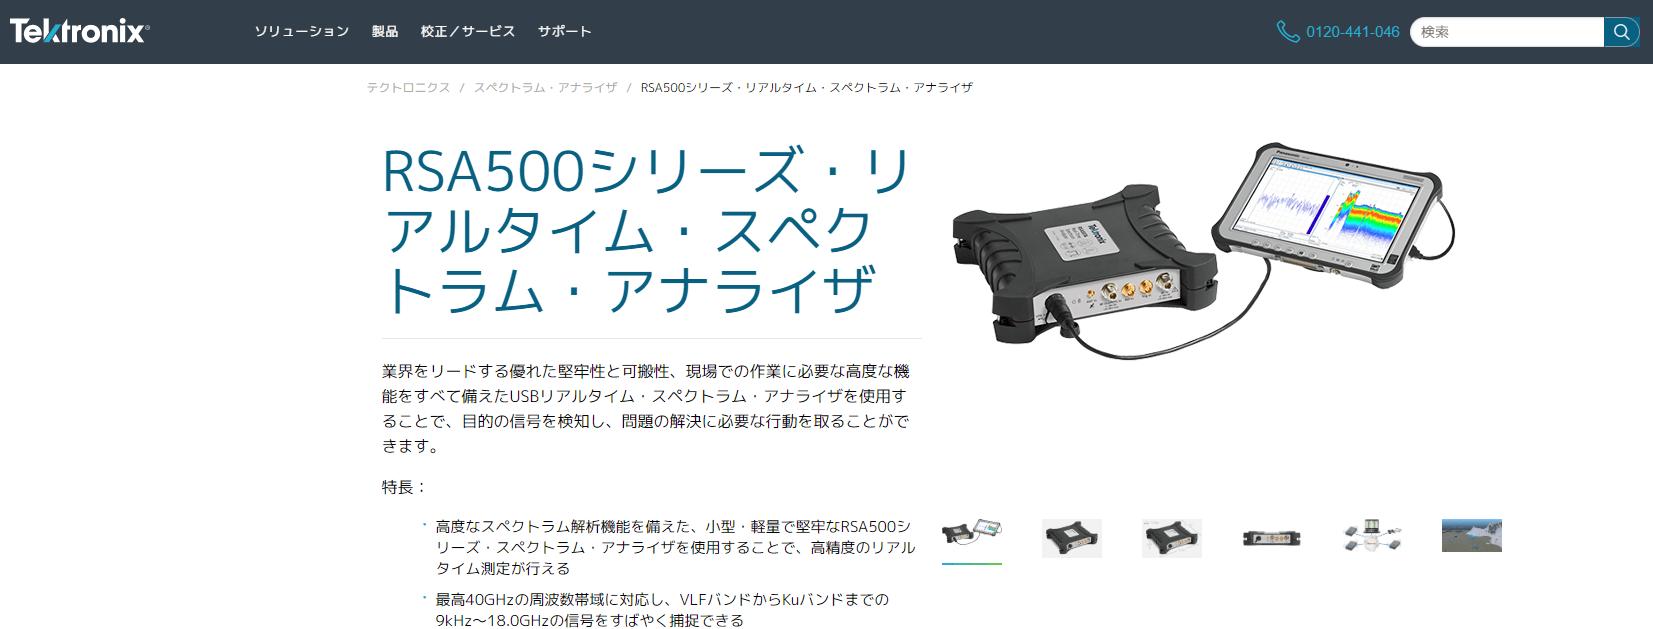 RSA500シリーズ